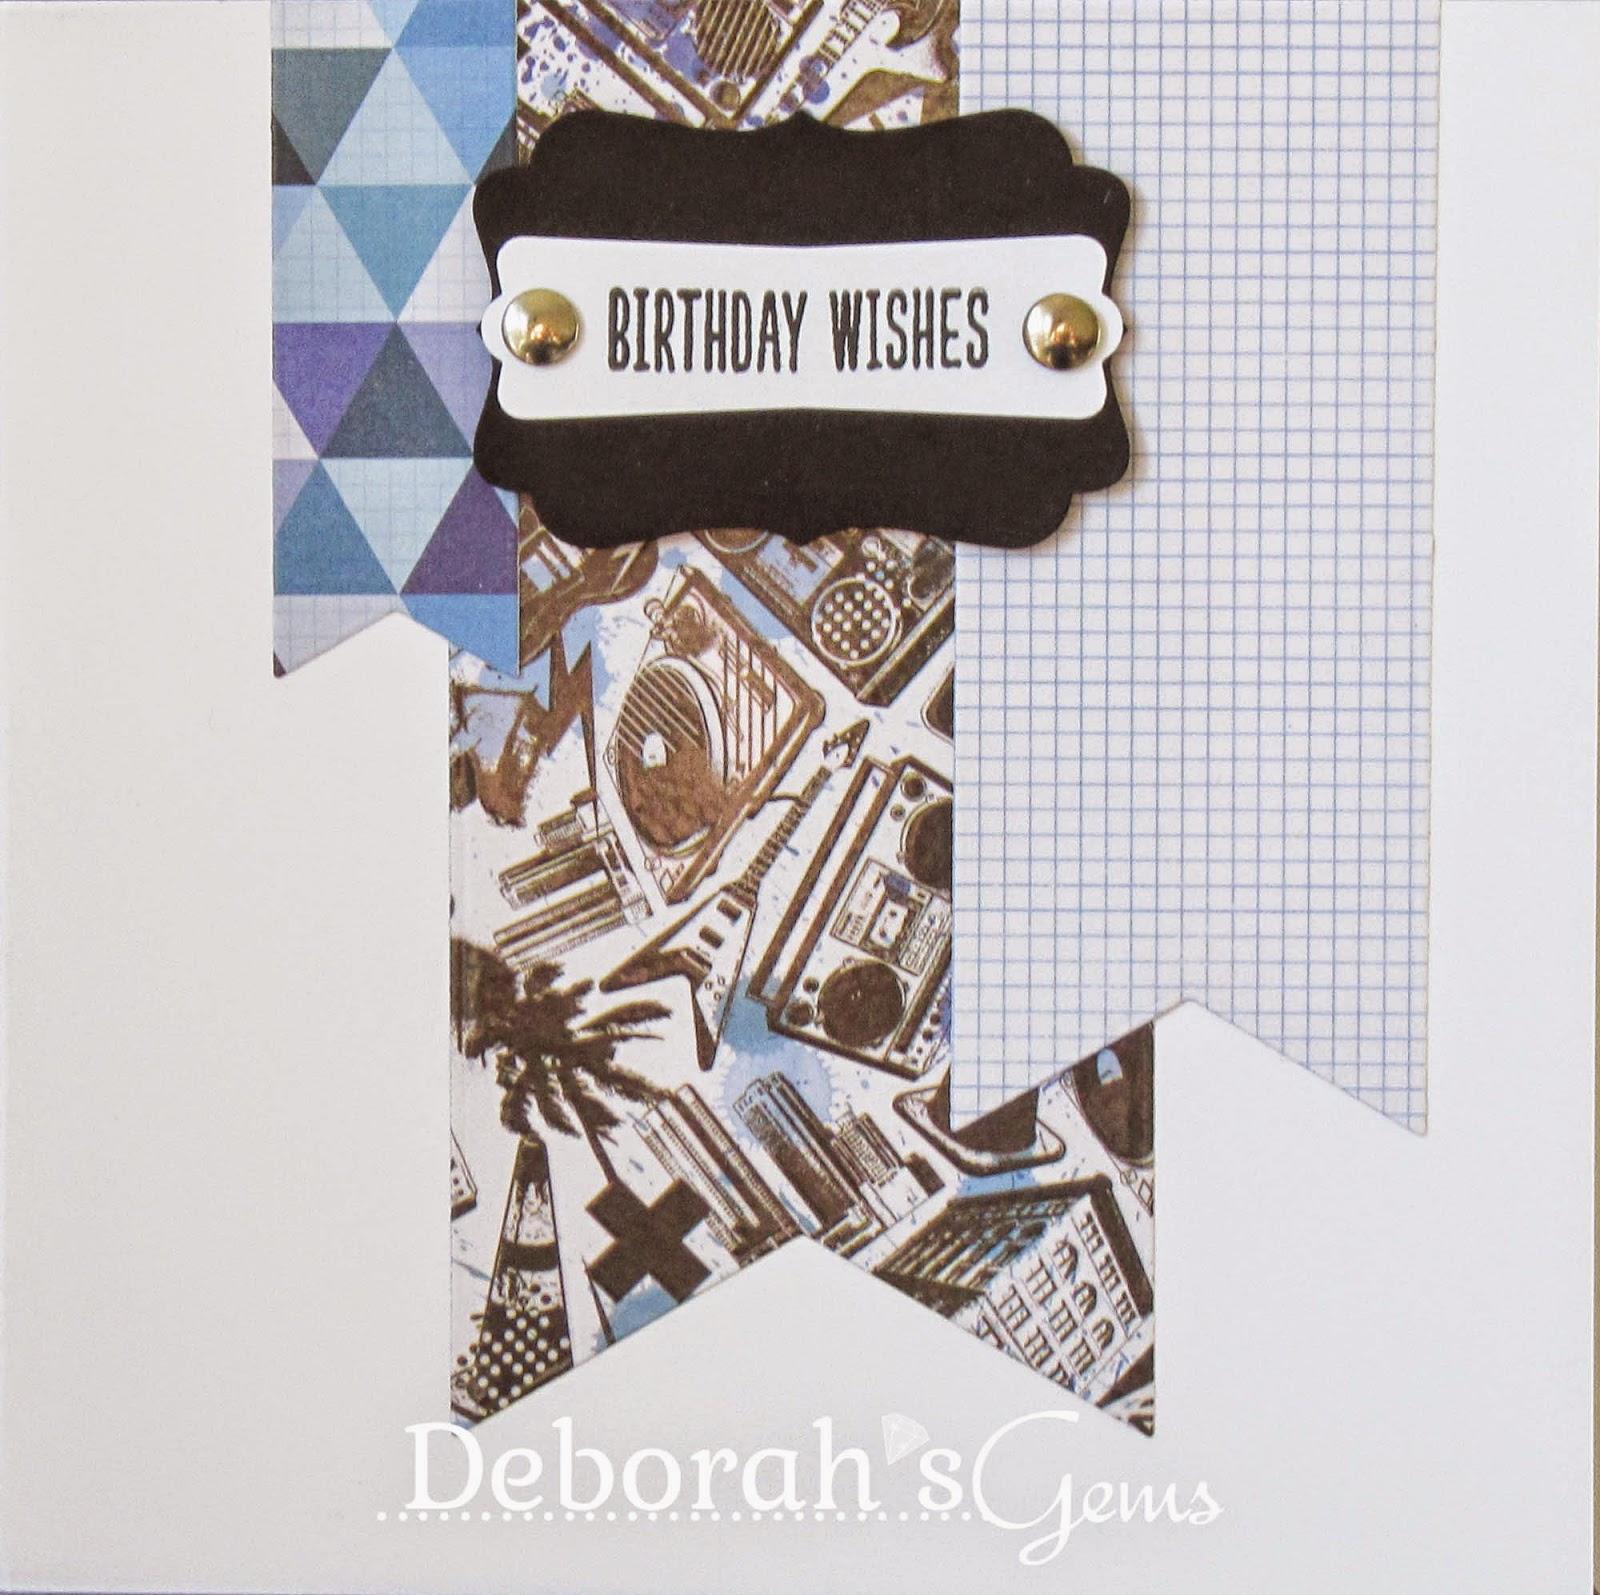 Birthday Blues - photo by Deborah Frings - Deborah's Gems